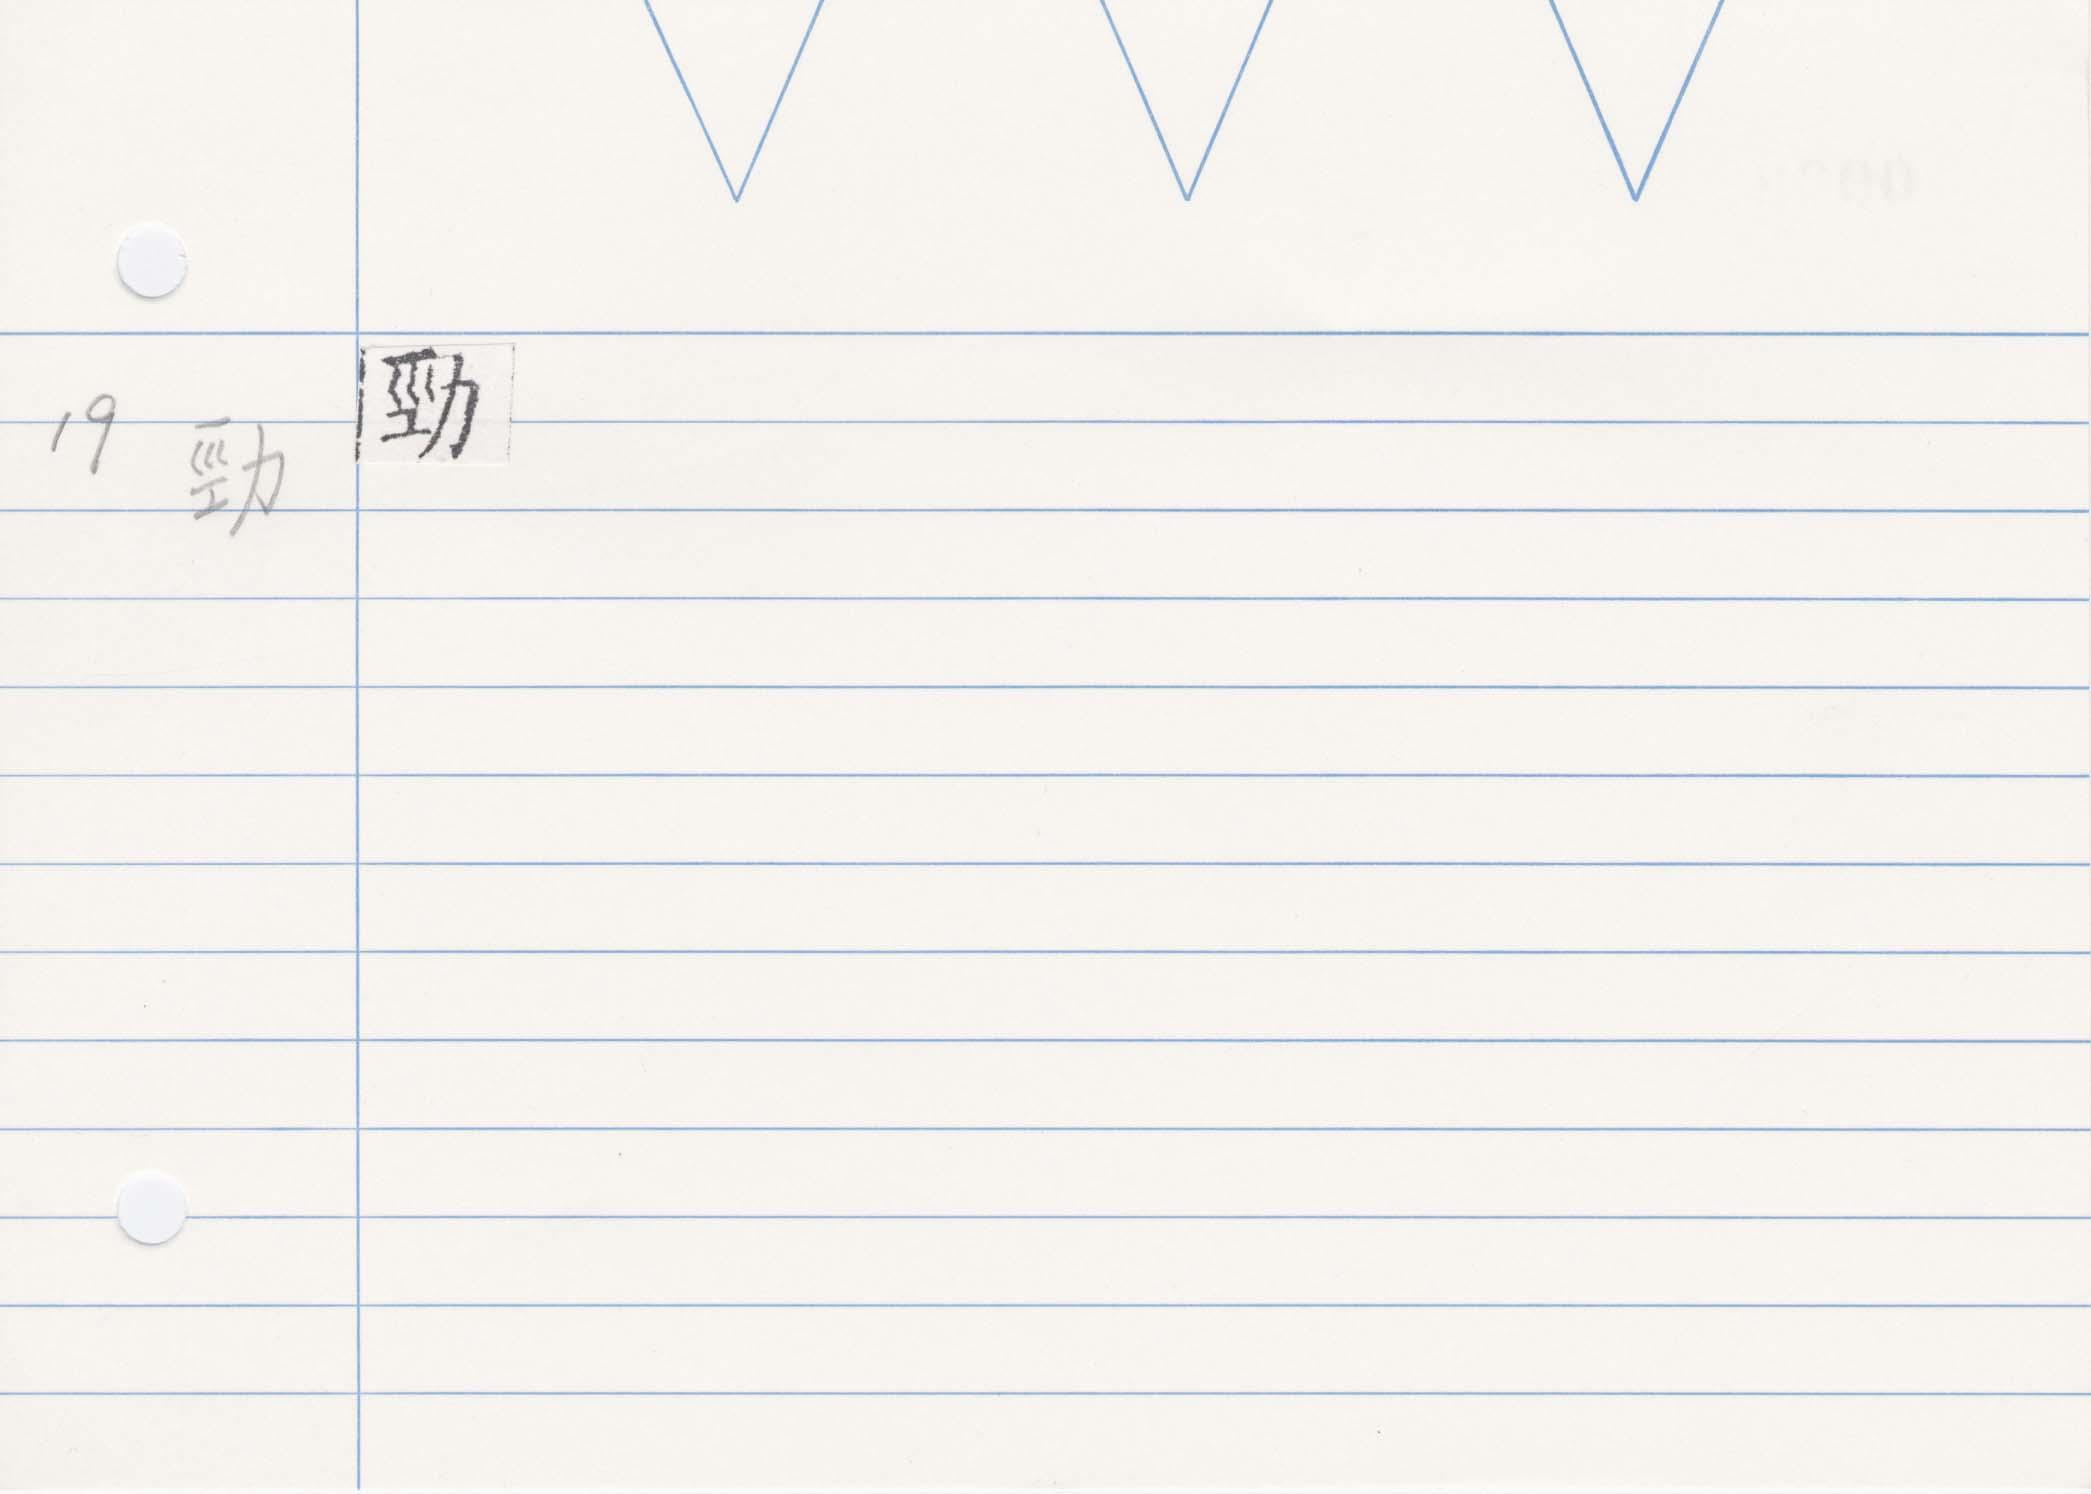 26_齊民要術卷五(高山寺本)/cards/0032.jpg